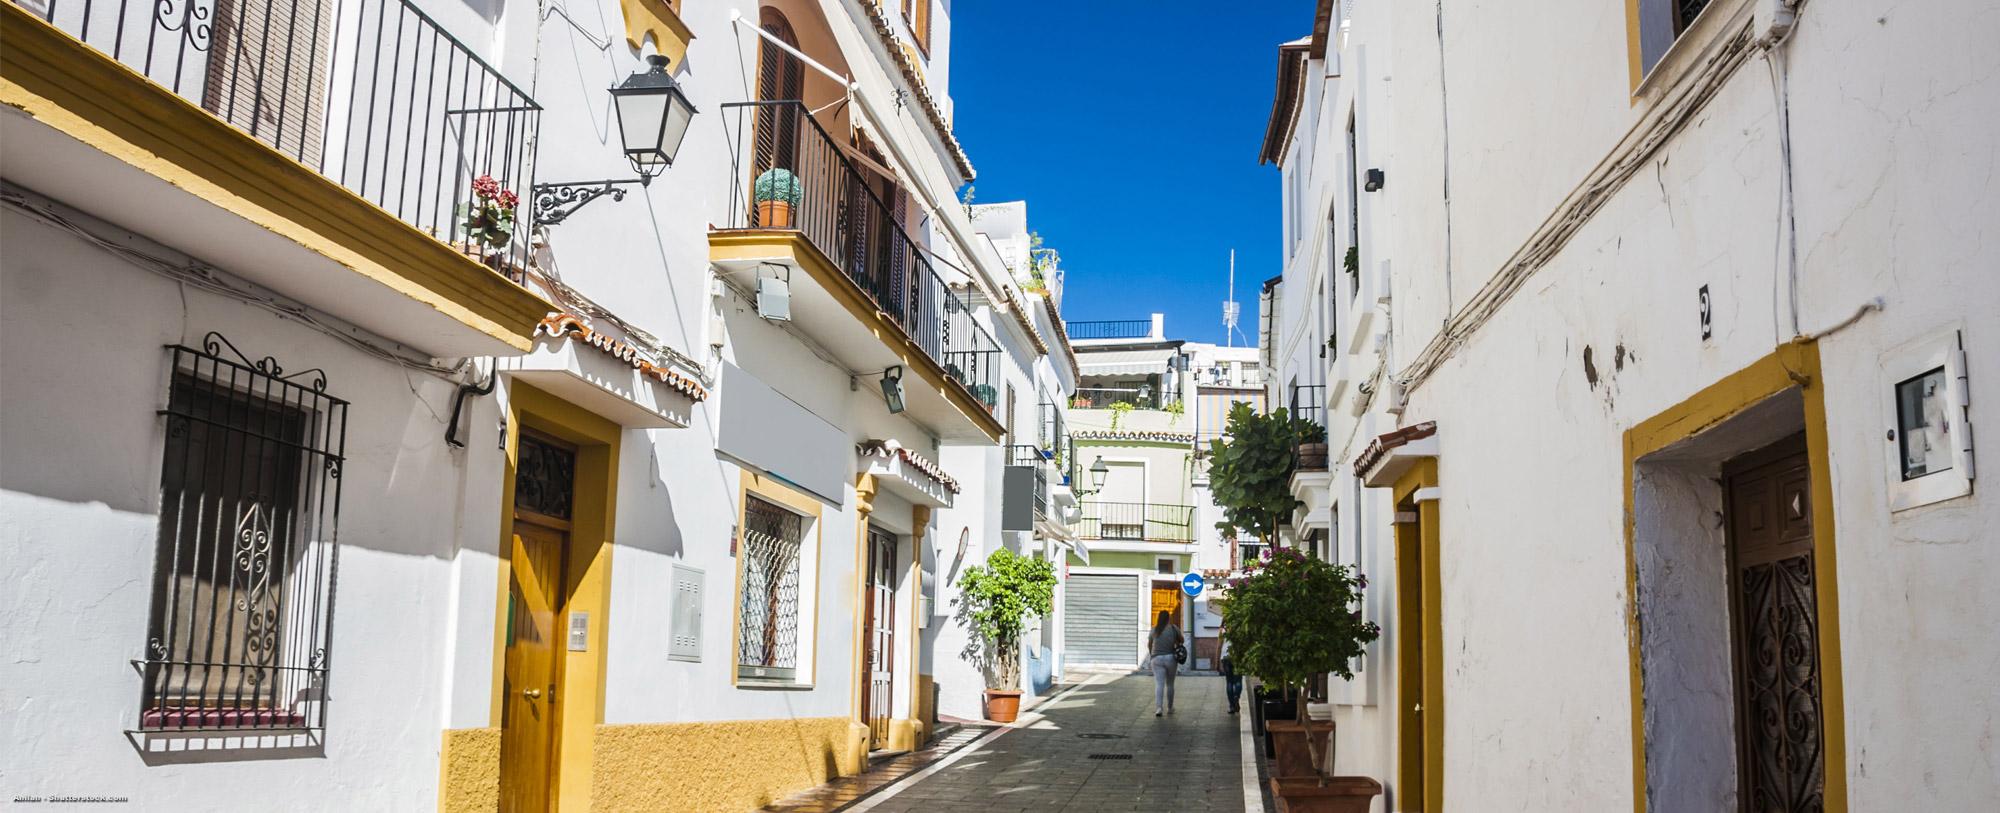 Séjour linguistique à Marbella